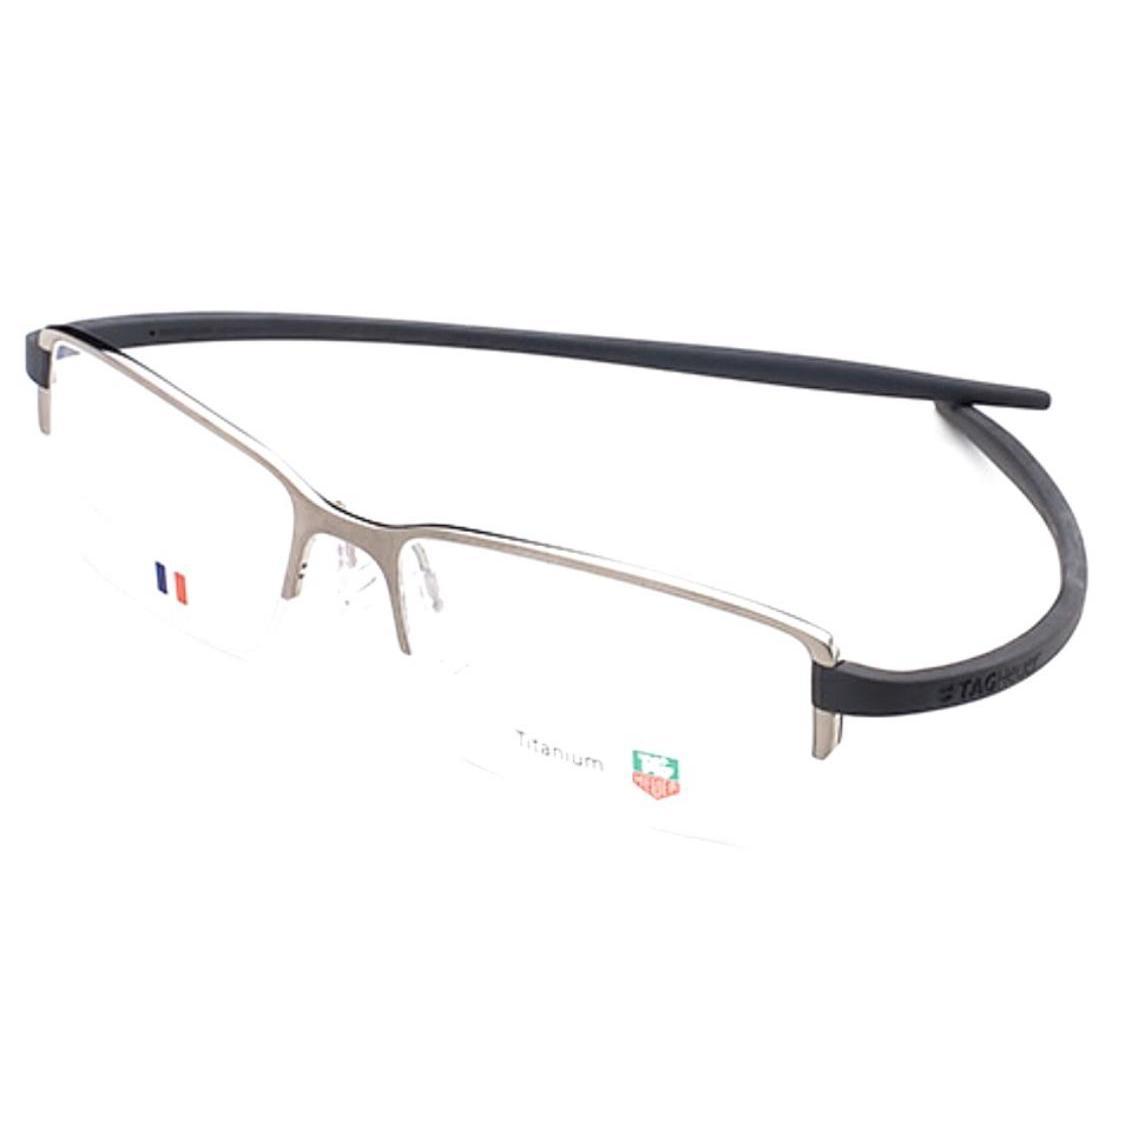 f1b24b505be7f Eyeglasses - Buy Eyeglasses at Best Price in Singapore